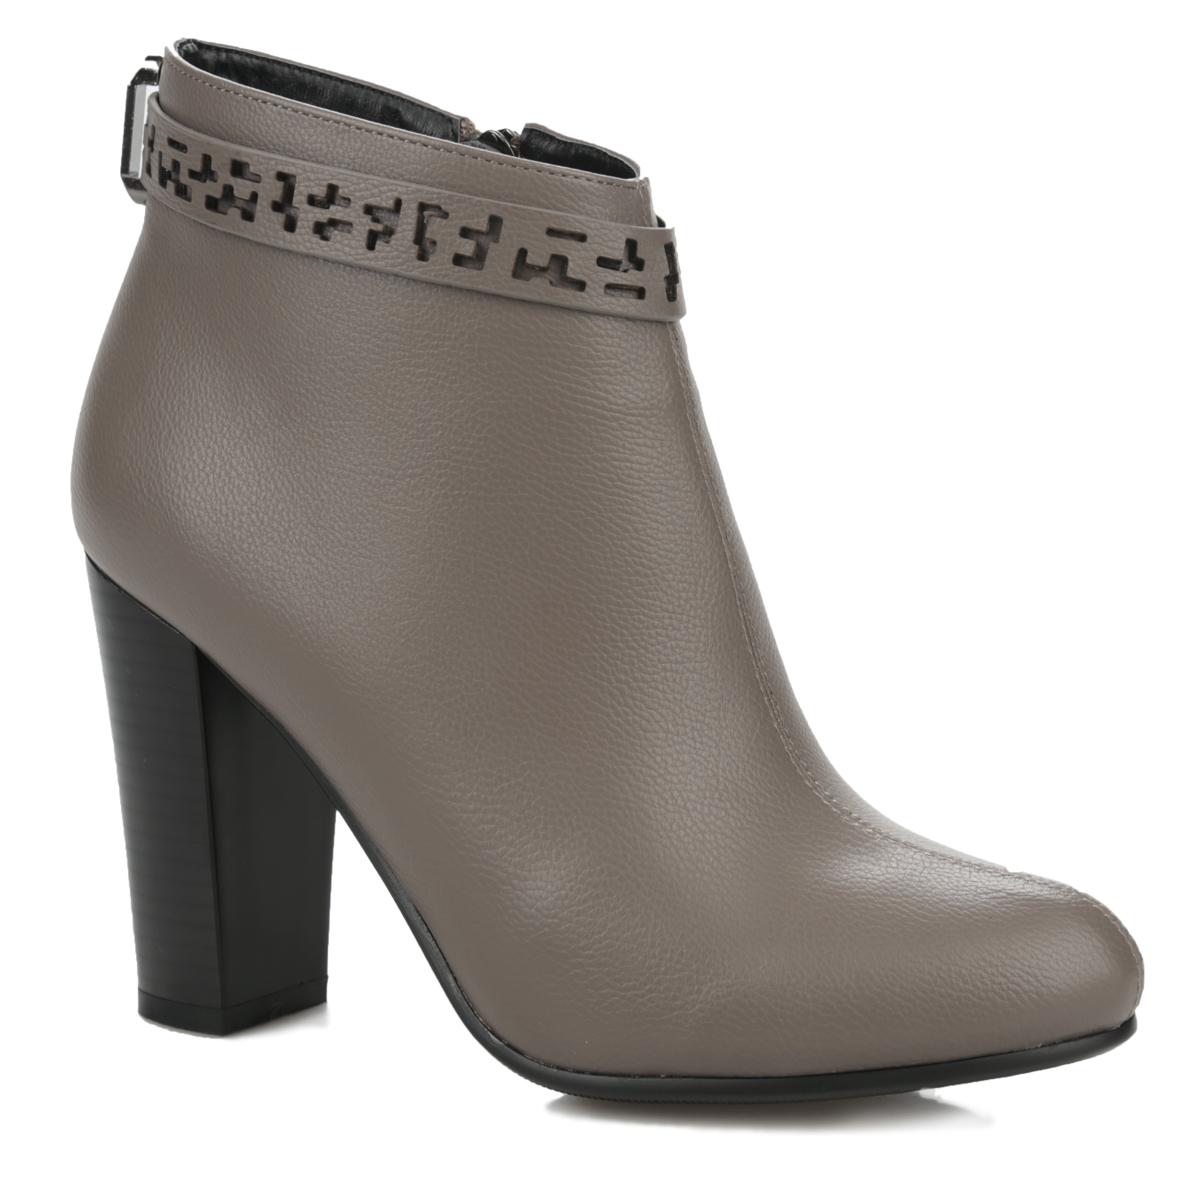 Ботильоны. 76I-E6M-AA476I-E6M-AA4-0113Модные ботильоны от MakFine займут достойное место среди вашей коллекции обуви. Модель изготовлена из мягкой искусственной кожи с зернистой фактурой. Верх обуви опоясывает декоративный ремешок, пропущенный через металлическую фурнитуру. Ремешок оформлен оригинальным перфорированным узором. Ботильоны застегиваются на удобную застежку- молнию, расположенную на одной из боковых сторон. Мягкая стелька комфортна при движении. Широкий высокий каблук устойчив. Подошва с рифлением защищает изделие от скольжения. Стильные ботильоны - незаменимая вещь в гардеробе каждой женщины.